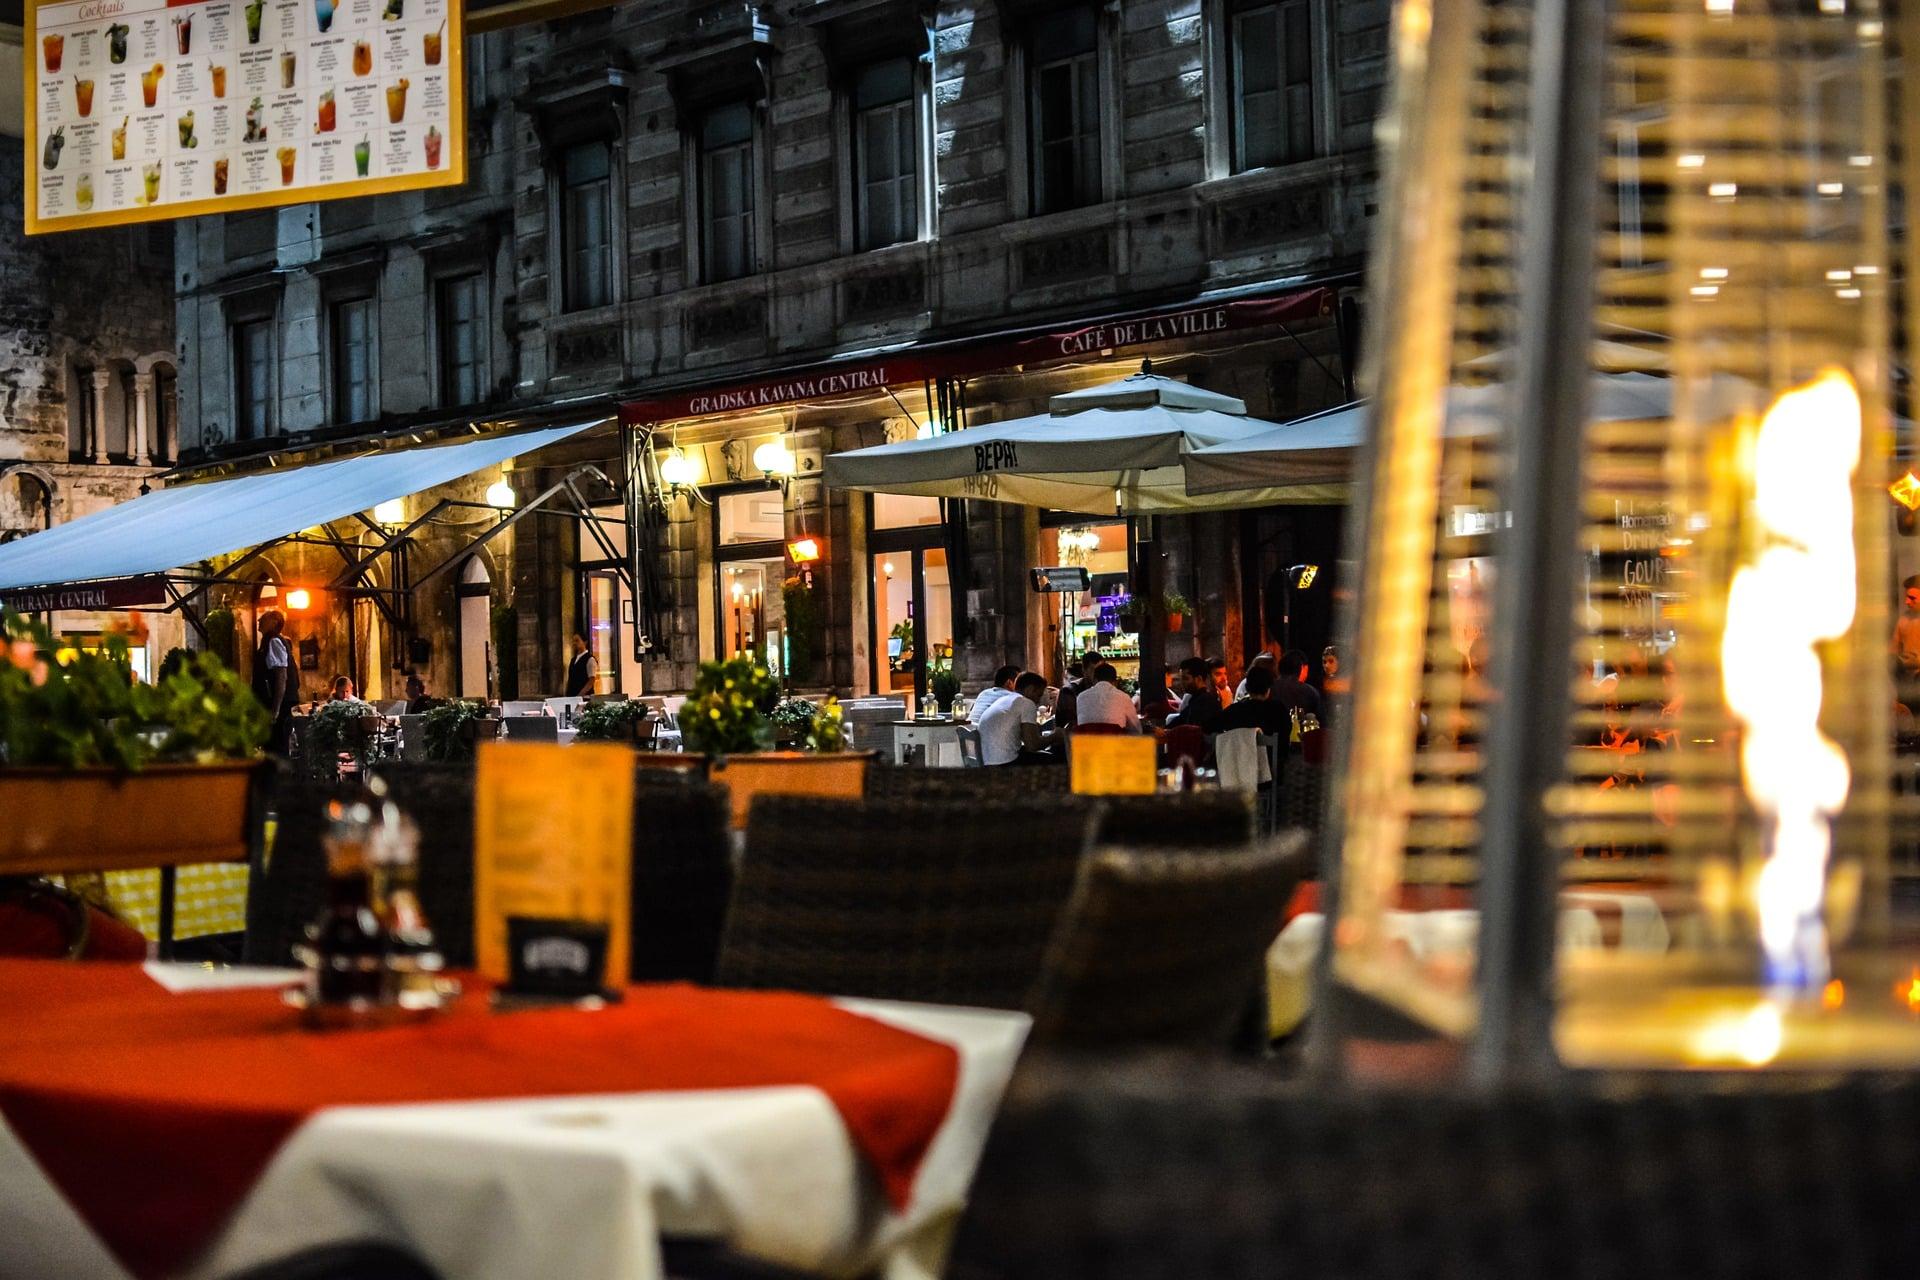 Lokalizacja nowo powstałej restauracji może stać się magnesem dla potencjalnych klientów.